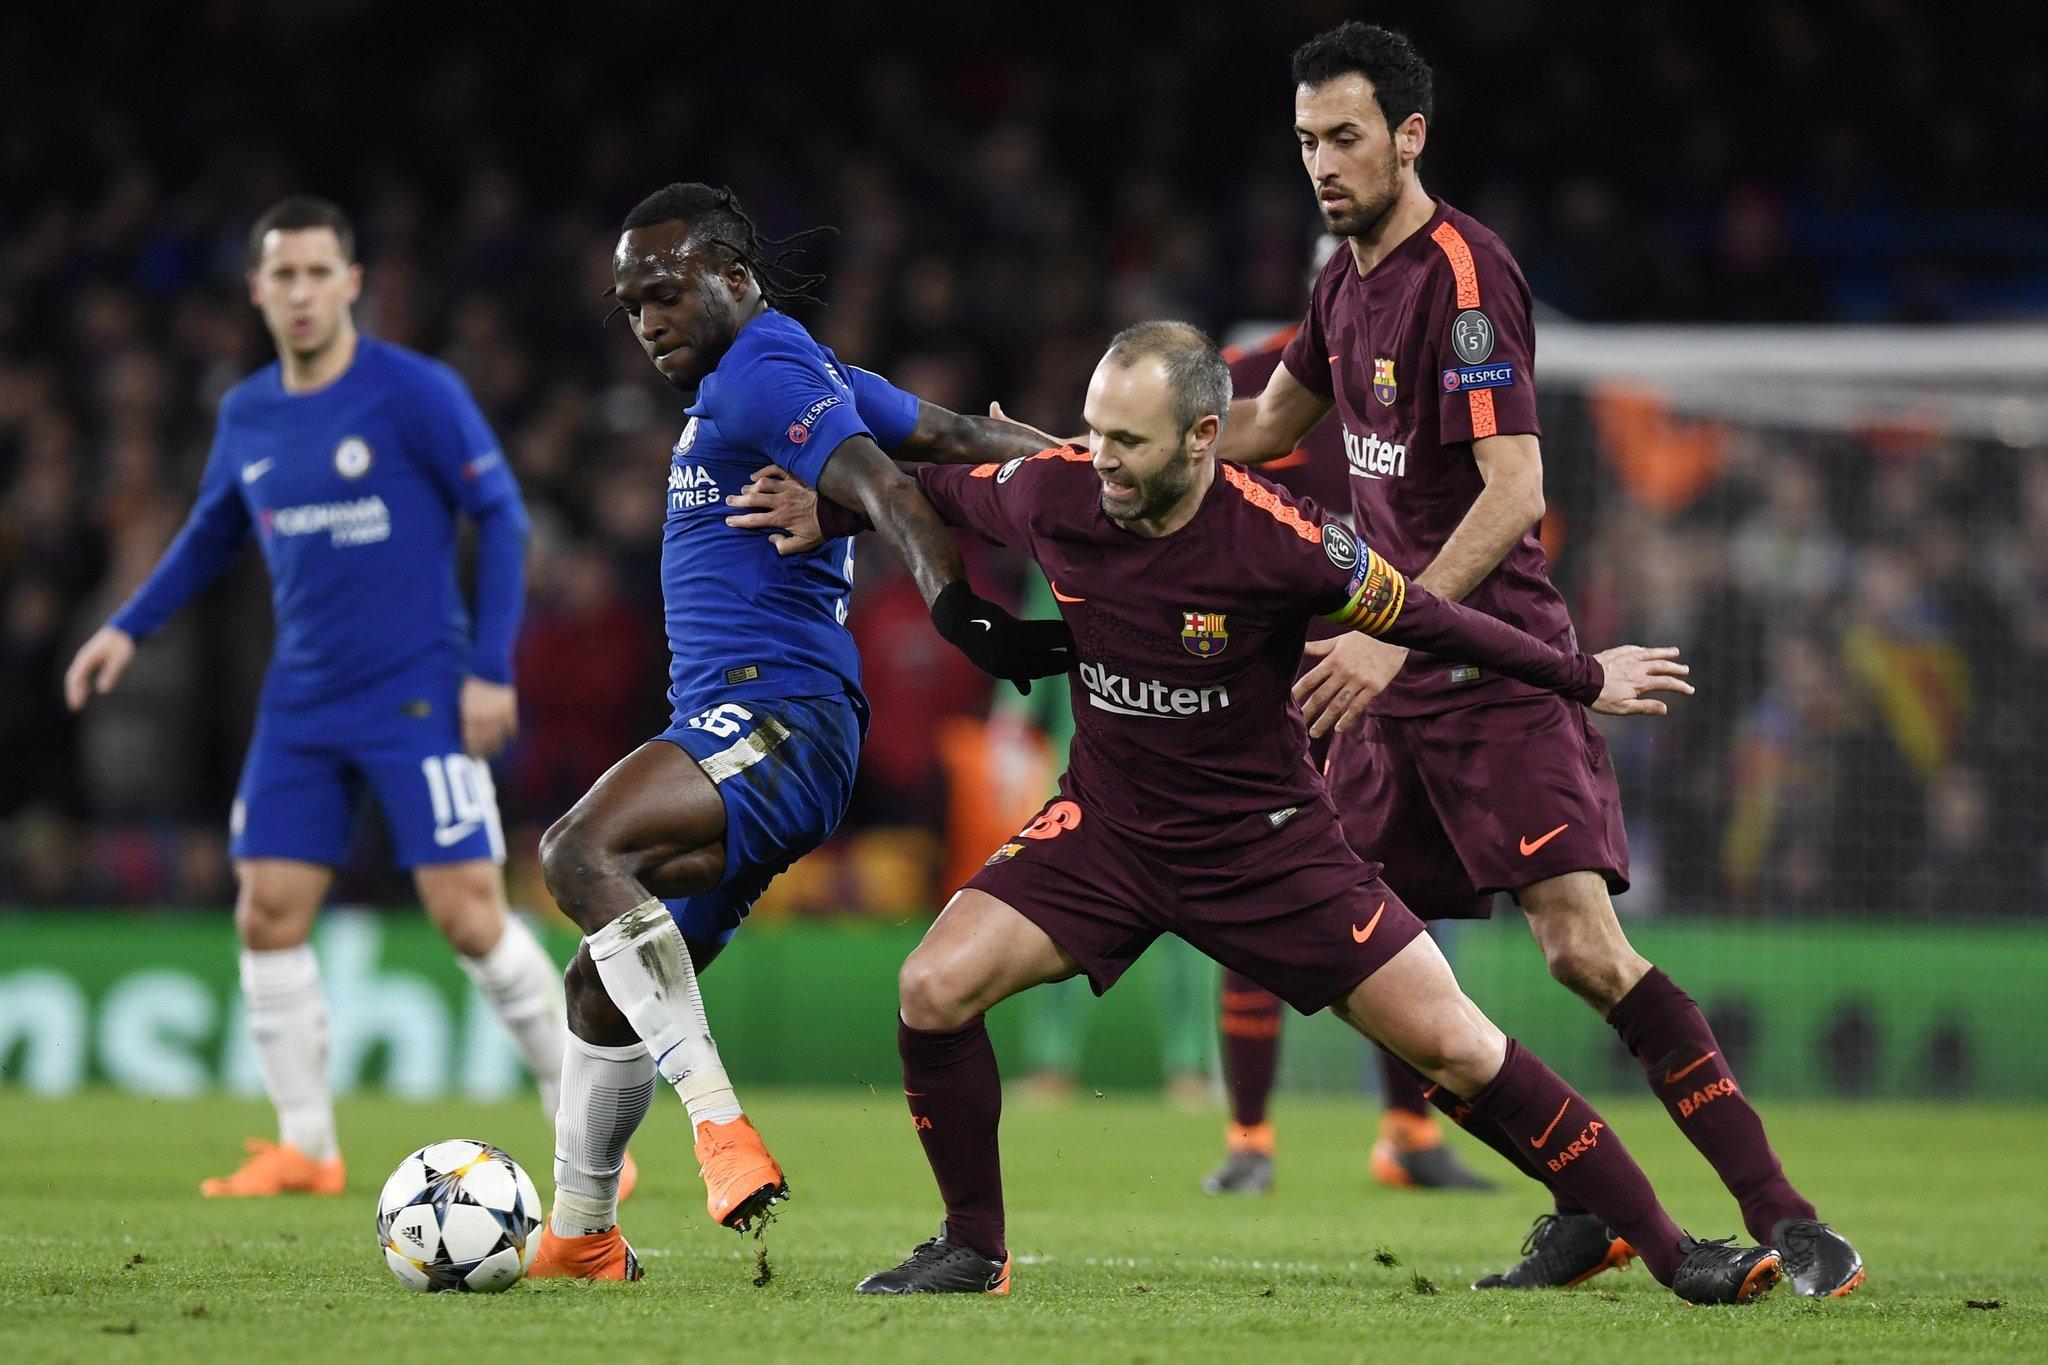 LON20 - LONDRES (R. UNIDO), 20/2/2018.- El jugador <HIT>Victor</HIT><HIT>Moses</HIT> (i) del Chelsea disputa el balón con Andres Iniesta (c) y Sergio Busquets (d) del Barcelona hoy, martes 20 de febrero de 2018, durante su juego de la Liga de Campeones de la UEFA, en el estadio de Stamford Bridge de Londres (R. Unido). EFE/WILL OLIVER